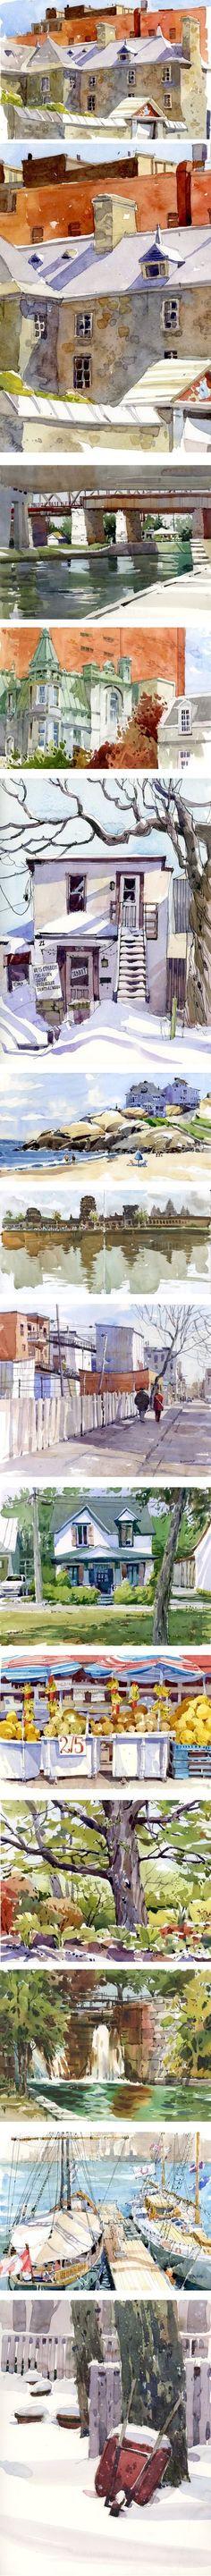 Shari Blaukopf, watercolors, urban sketches